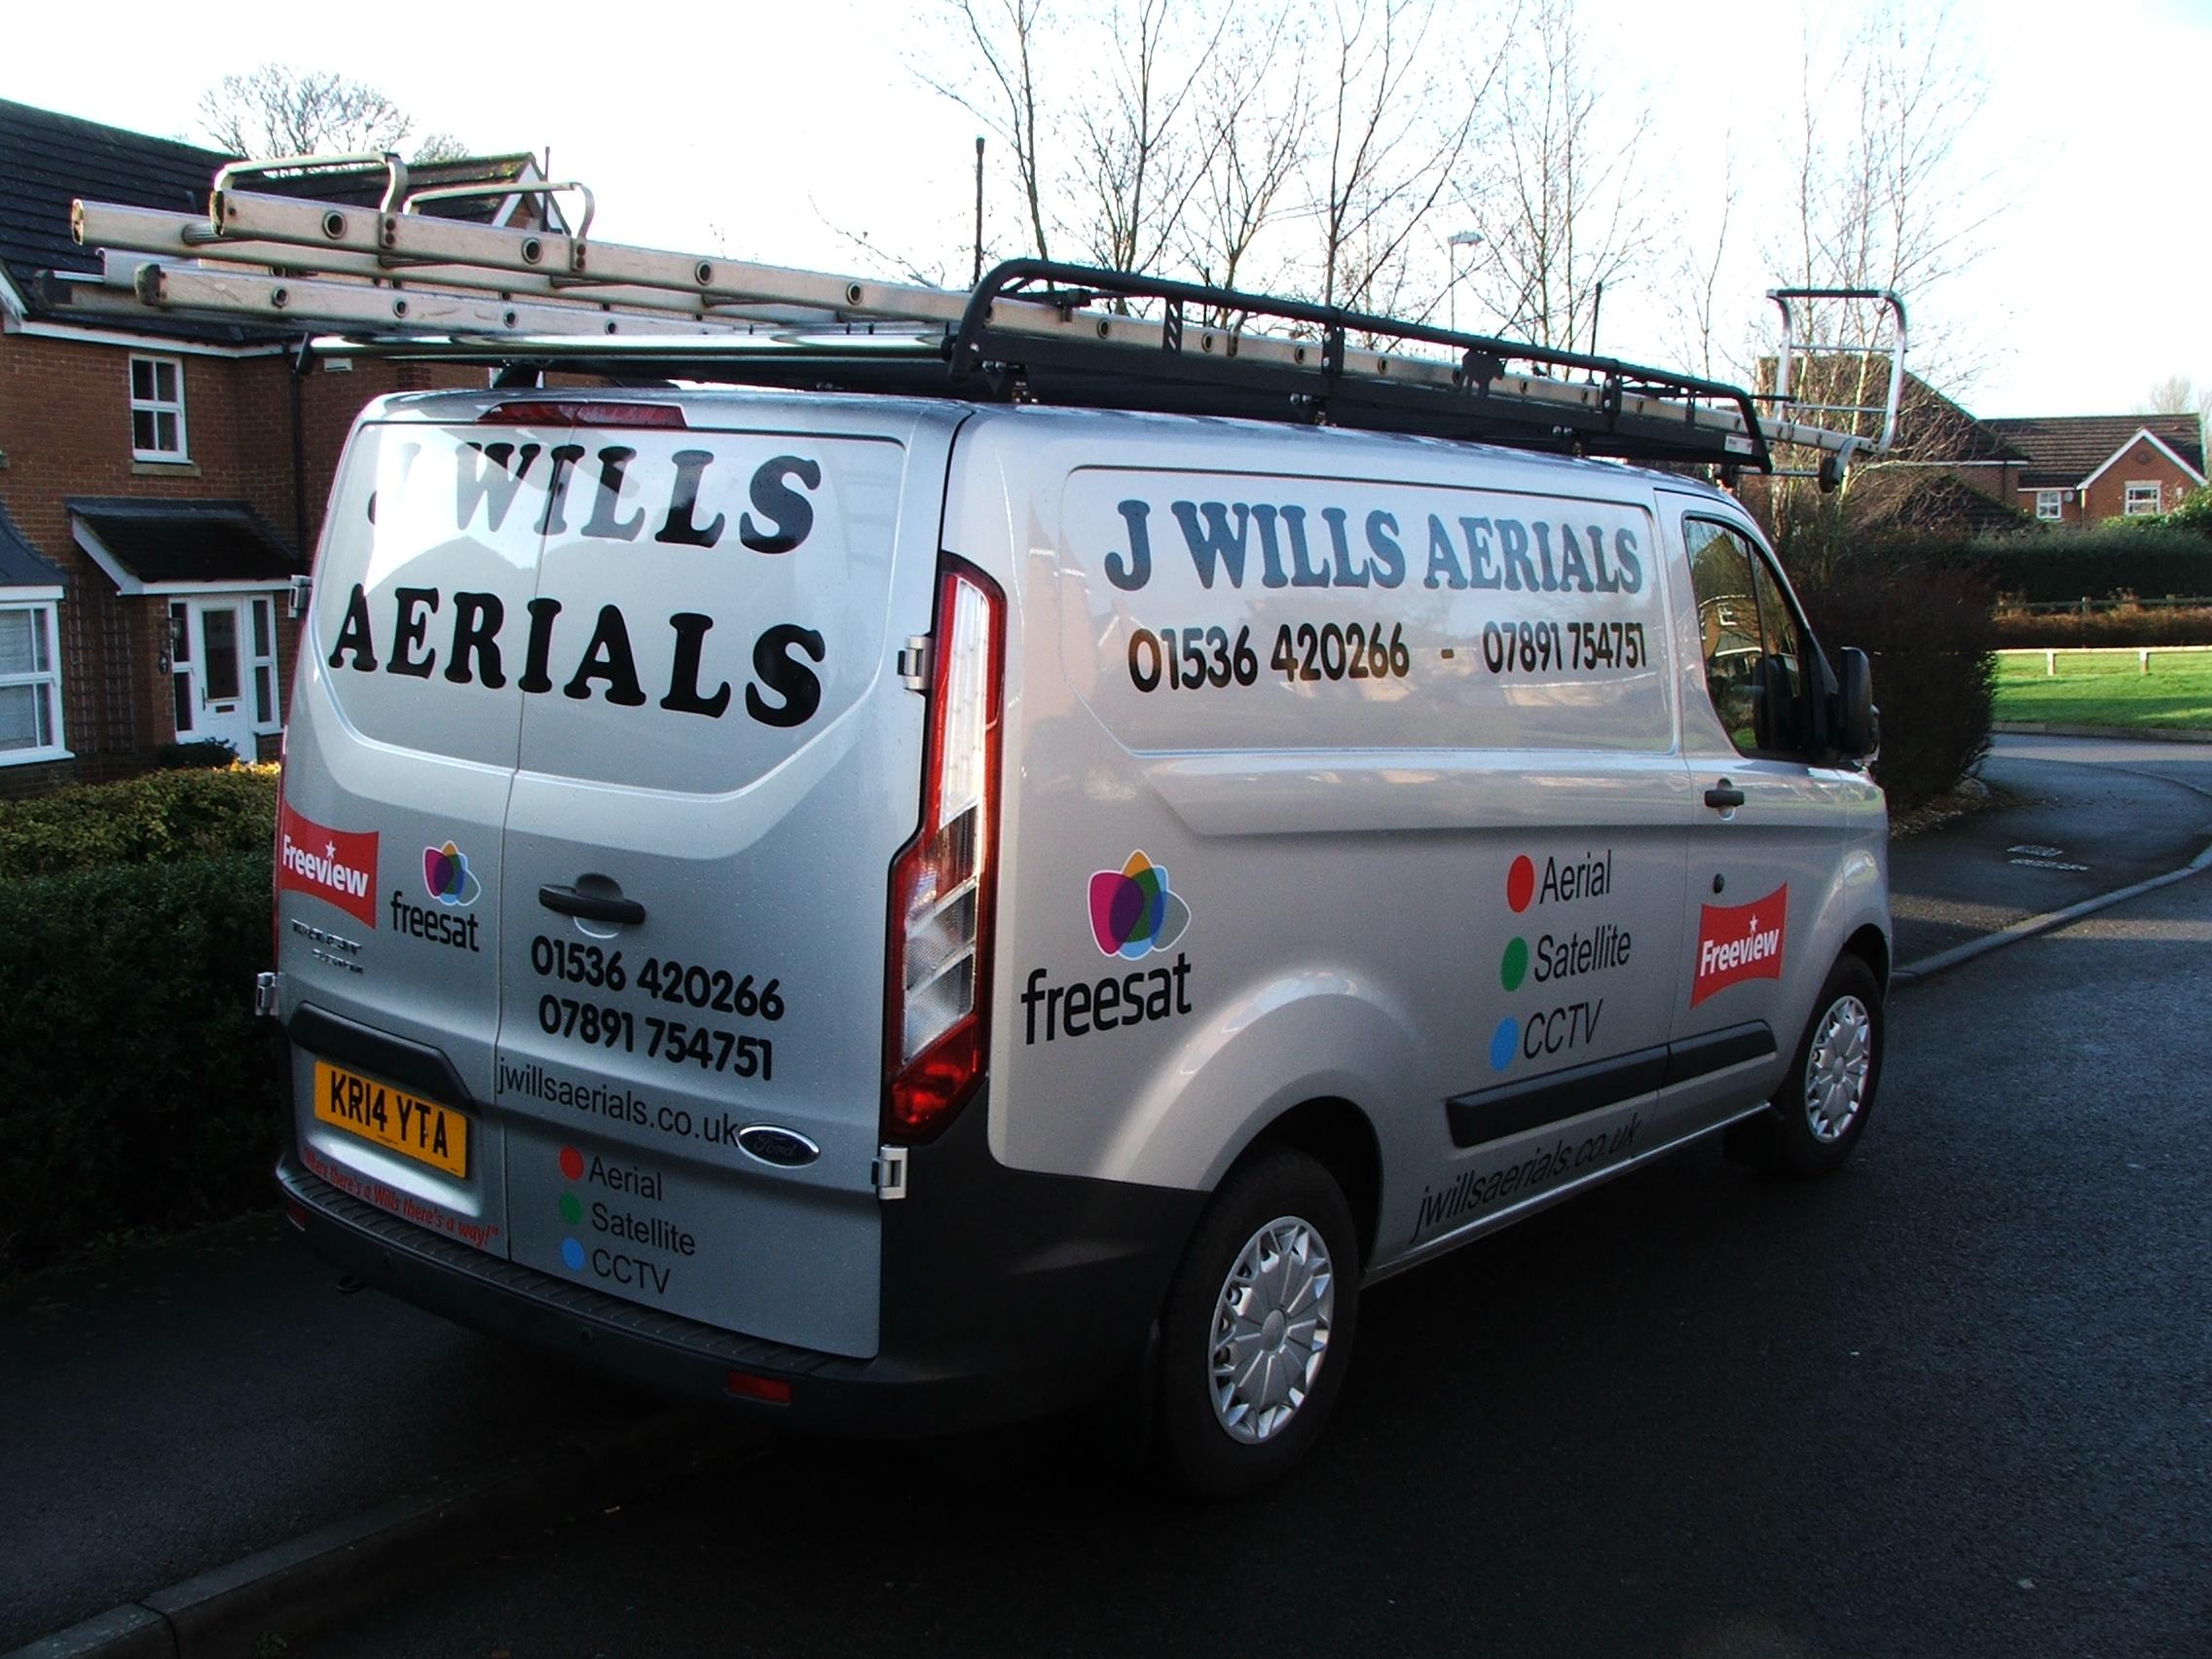 J Wills Aerials